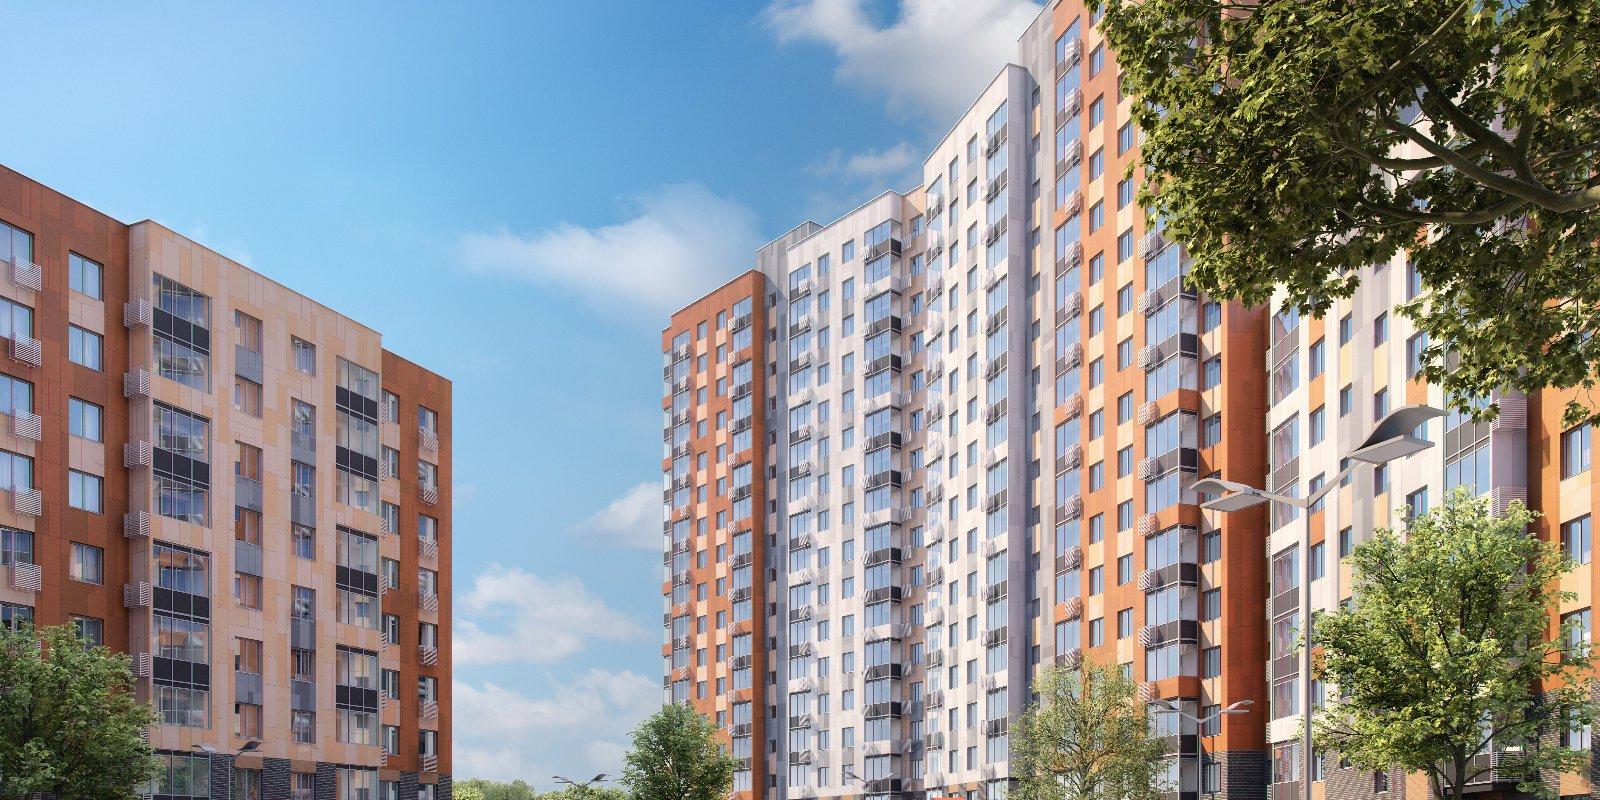 Застройщику ЖК «Кленовые Аллеи» разрешили продавать квартиры